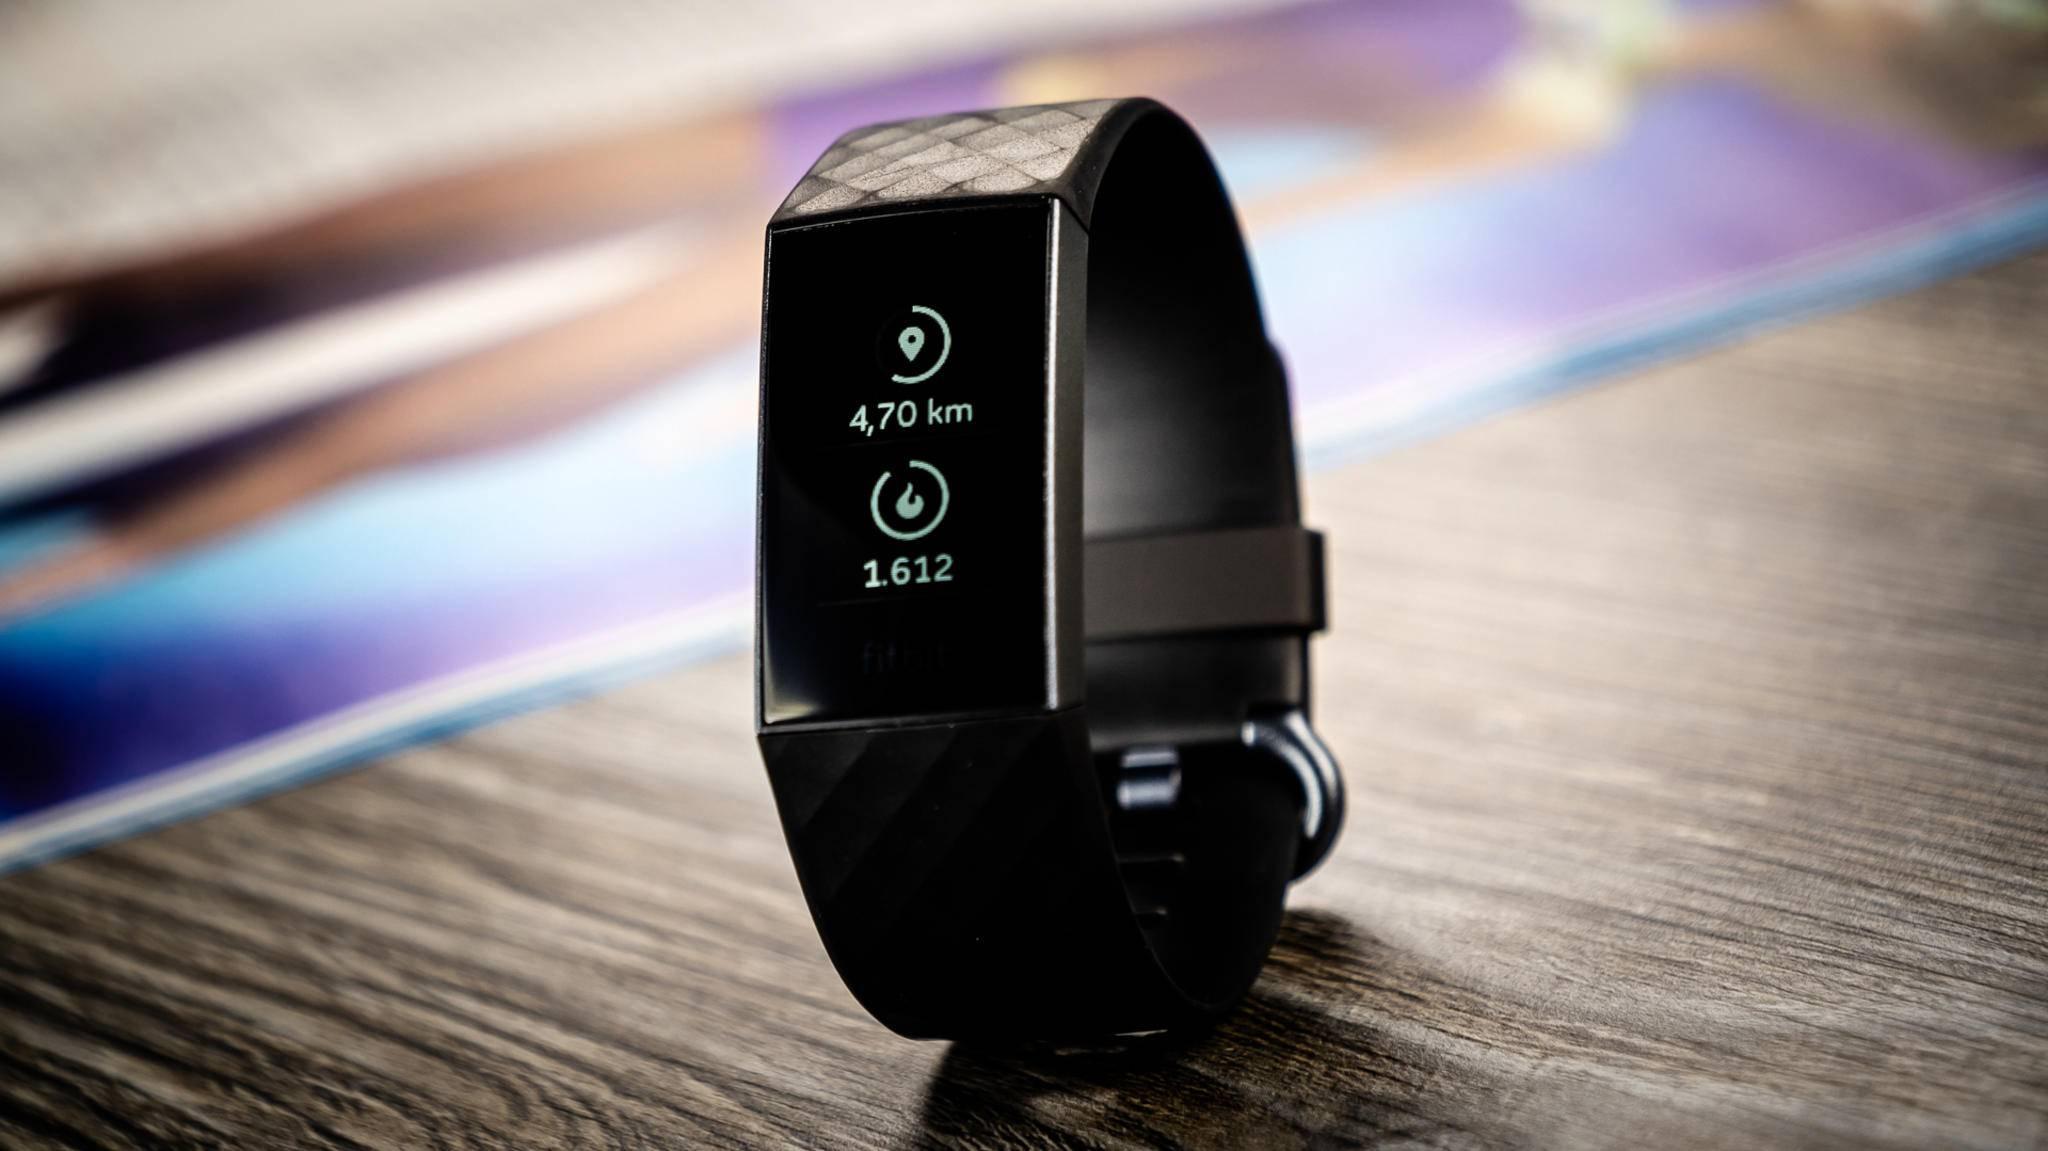 Macht die Fitbit Charge 3 nicht, was sie soll? Keine Panik: Die häufigsten Fehler lassen sich schnell beheben.